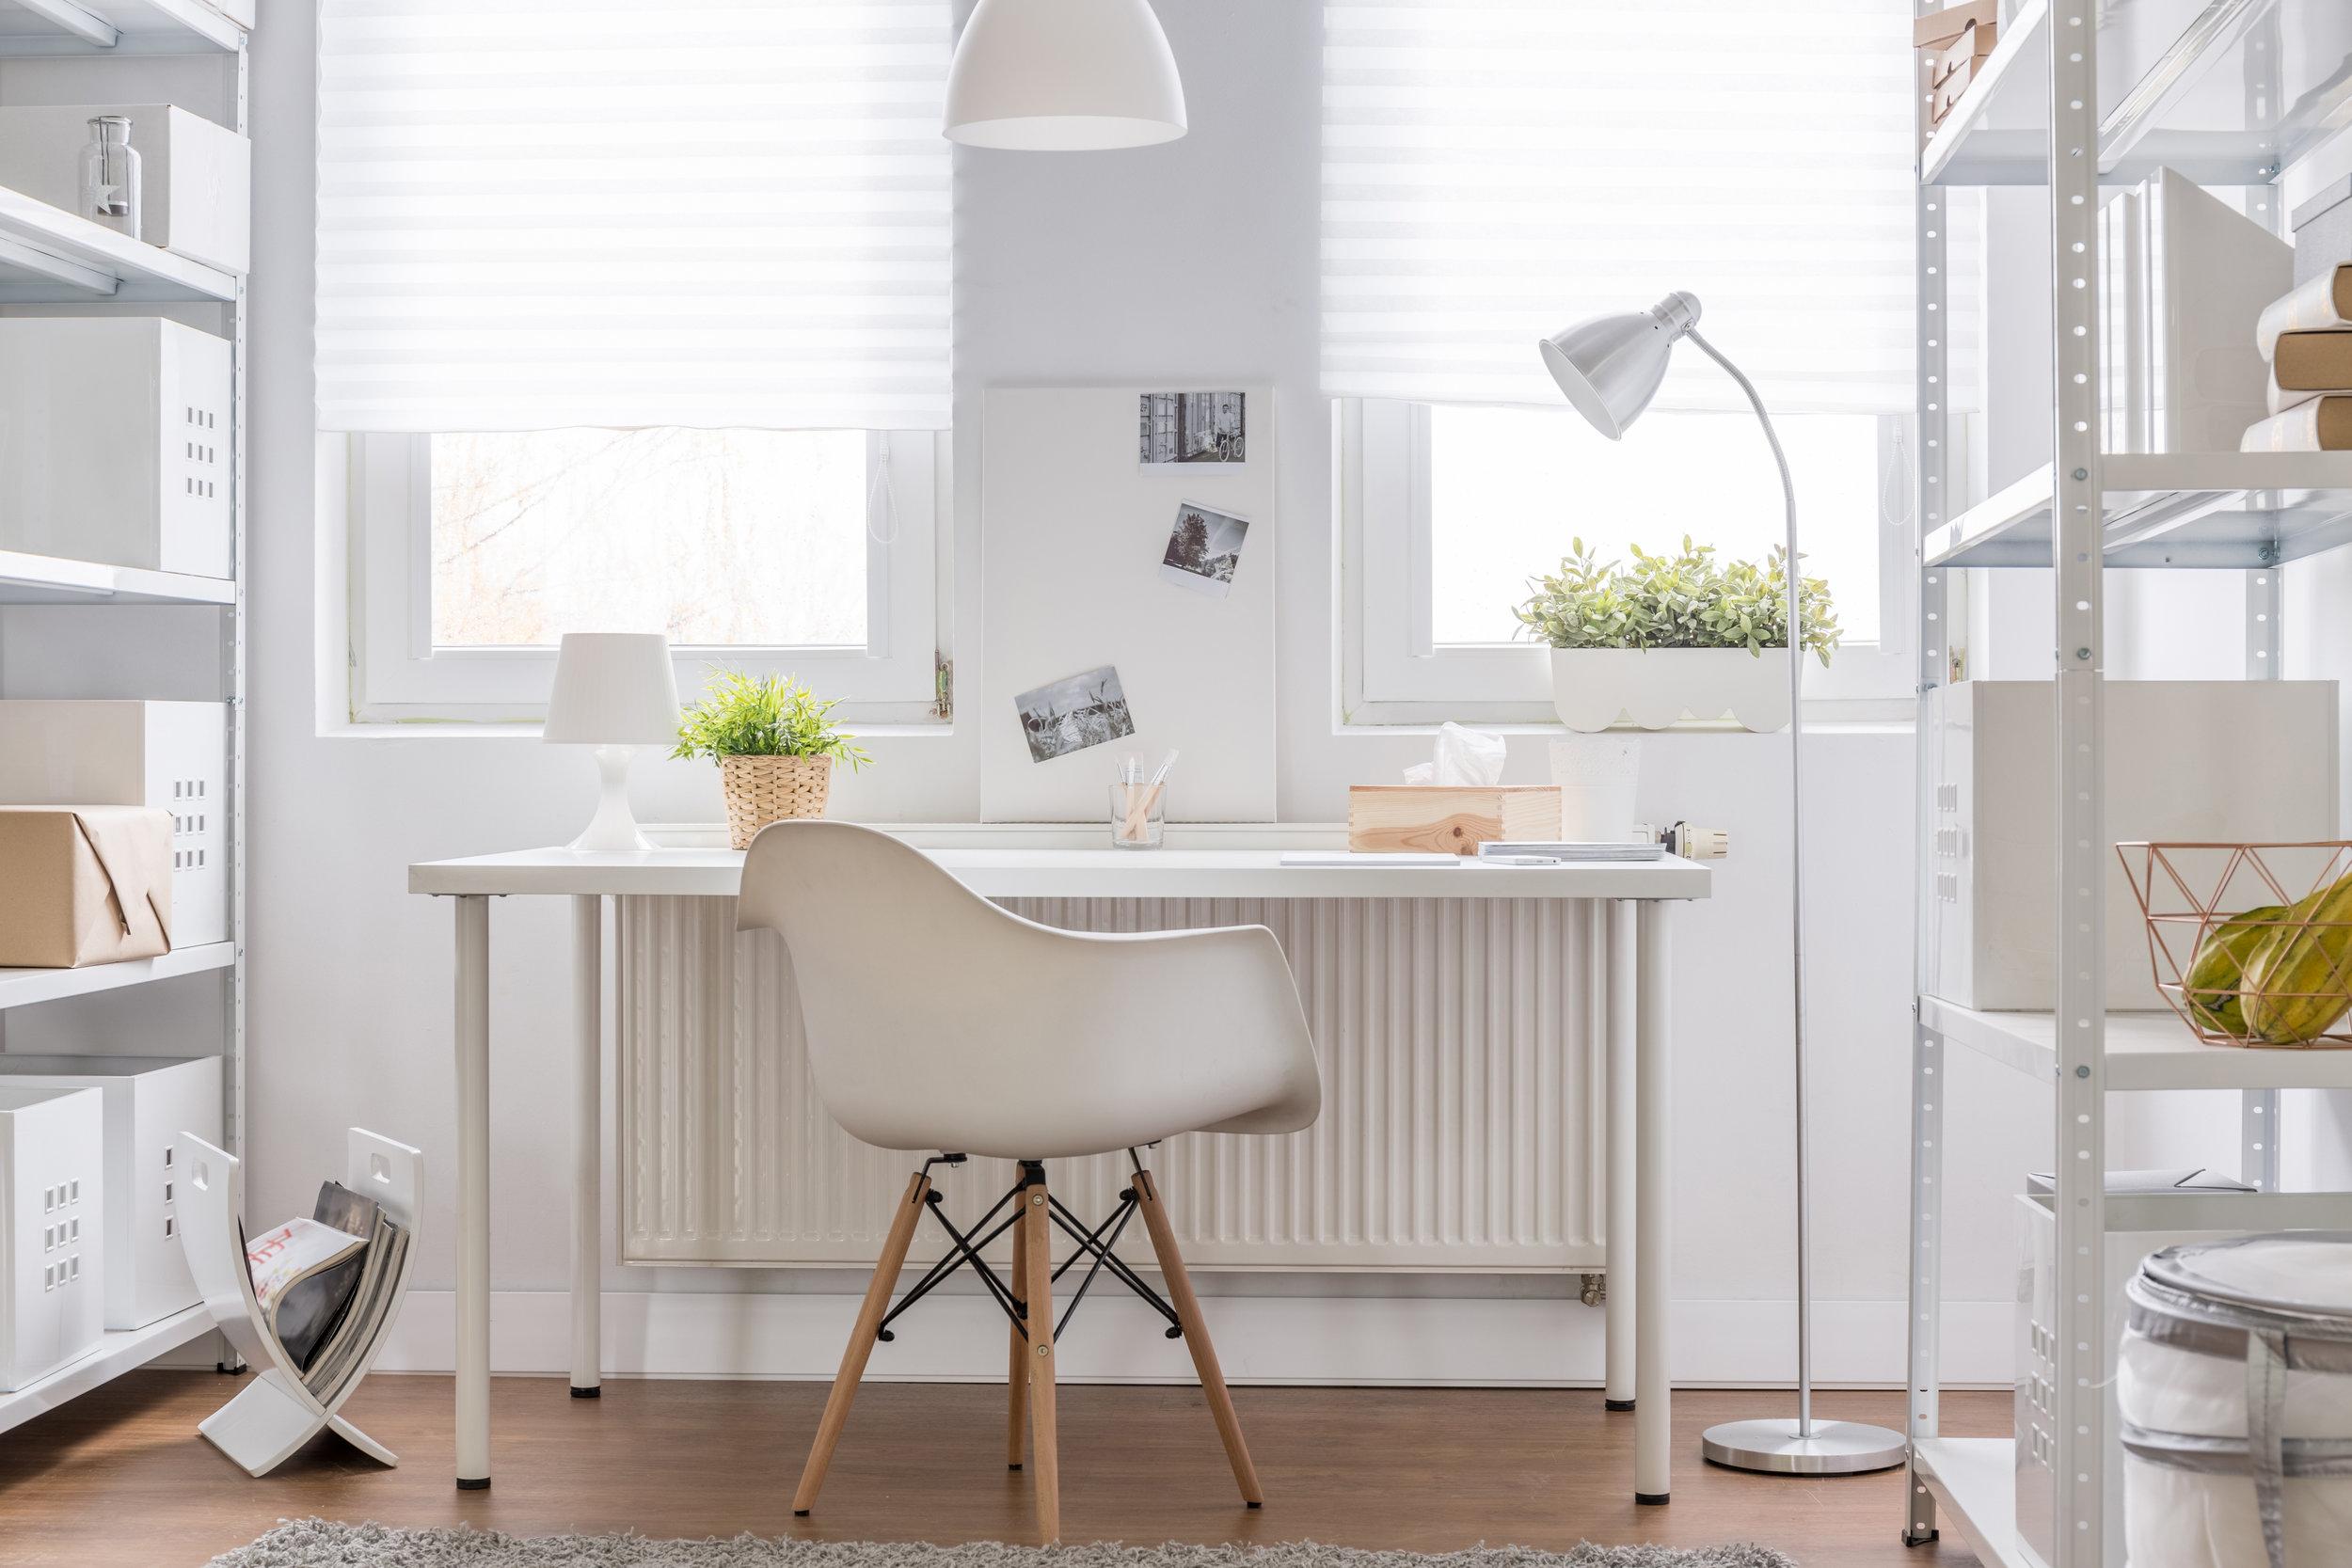 office organization, declutter, storage solutions, organization ideas, organizing your home, home organization ideas, organizing tips, home office organization, house organization